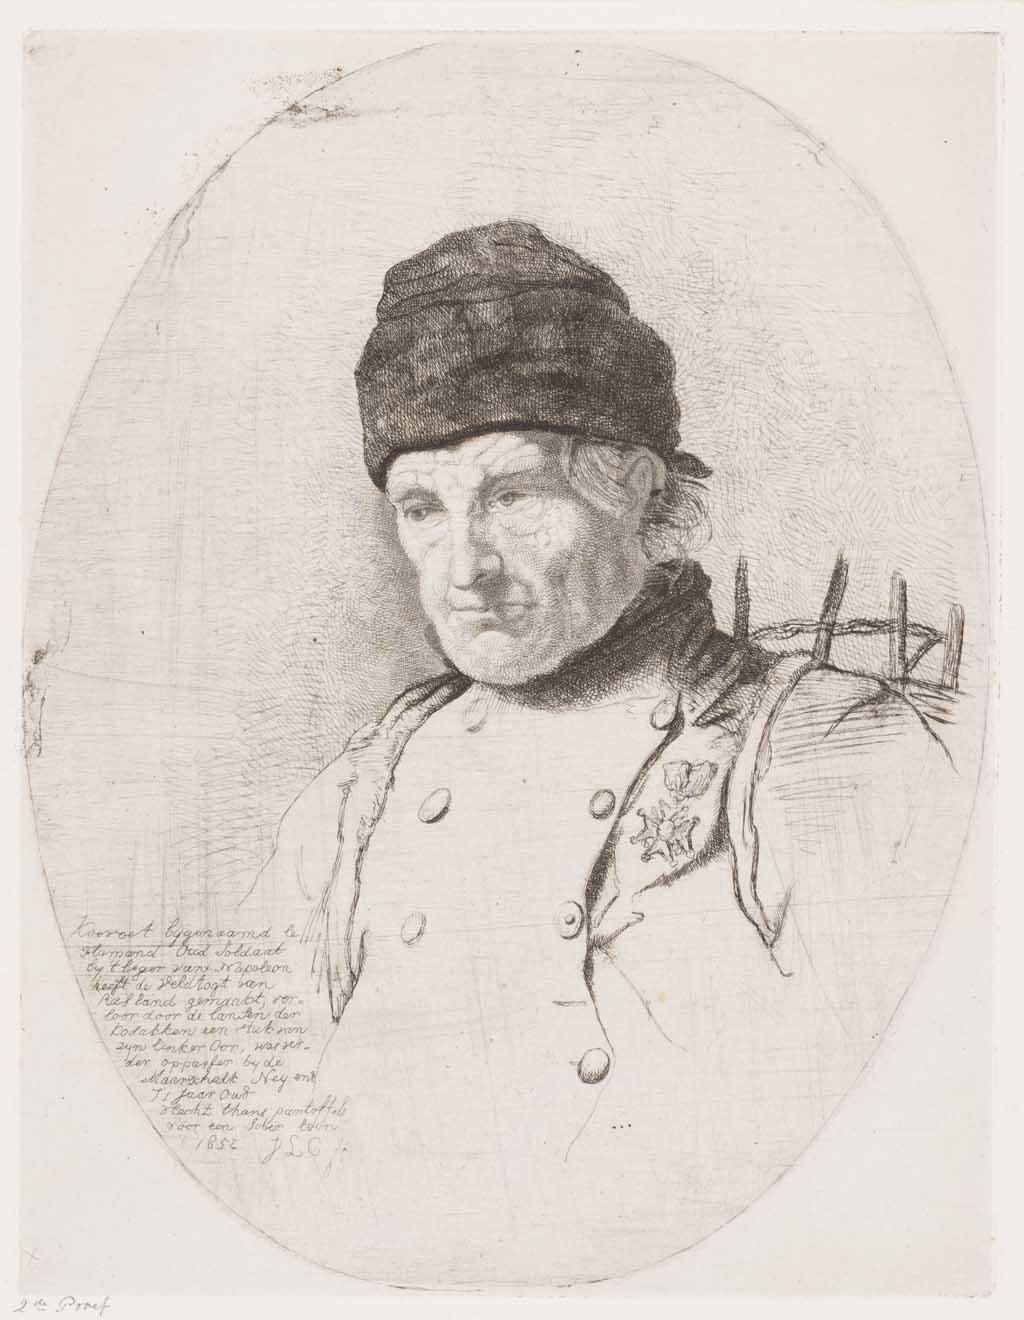 Mansportret van Koevoet, bijgenaamd le Flamand